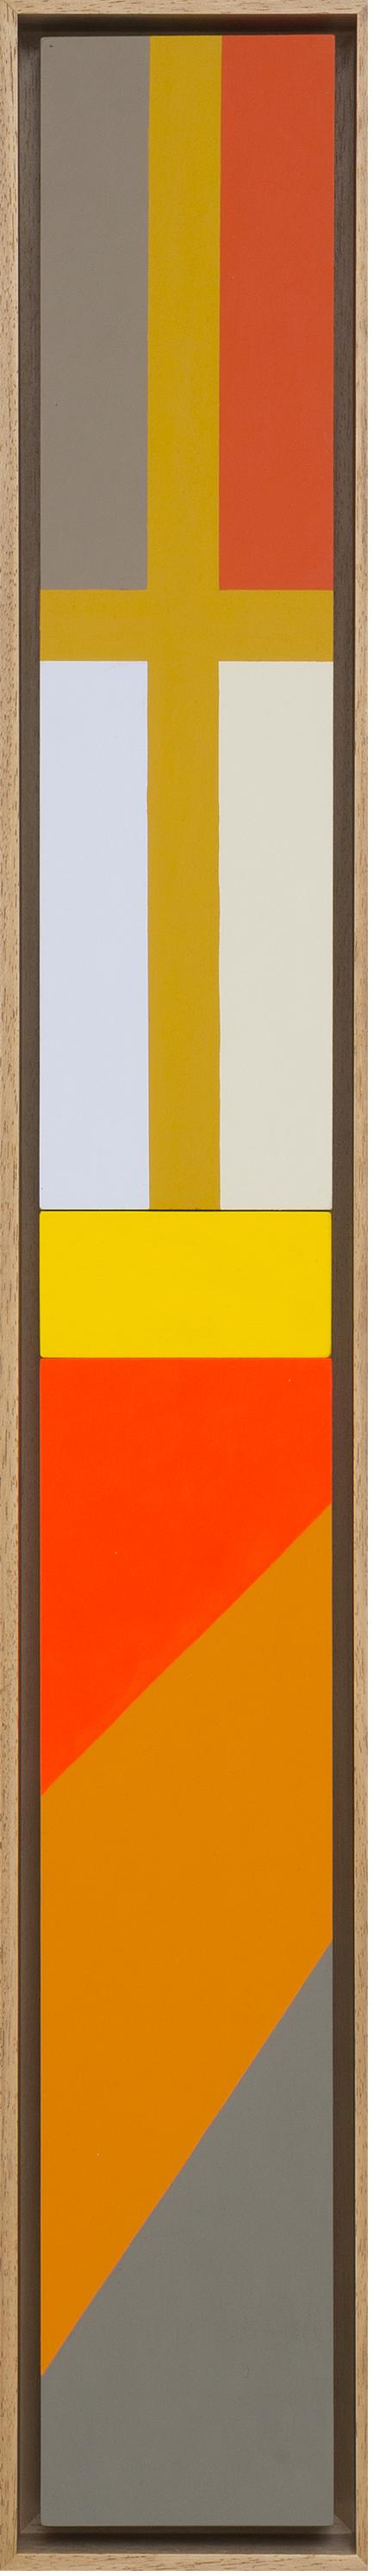 LOUISE TUCKWELL  True Cross II  2017 acrylic on board 80 × 10 cm